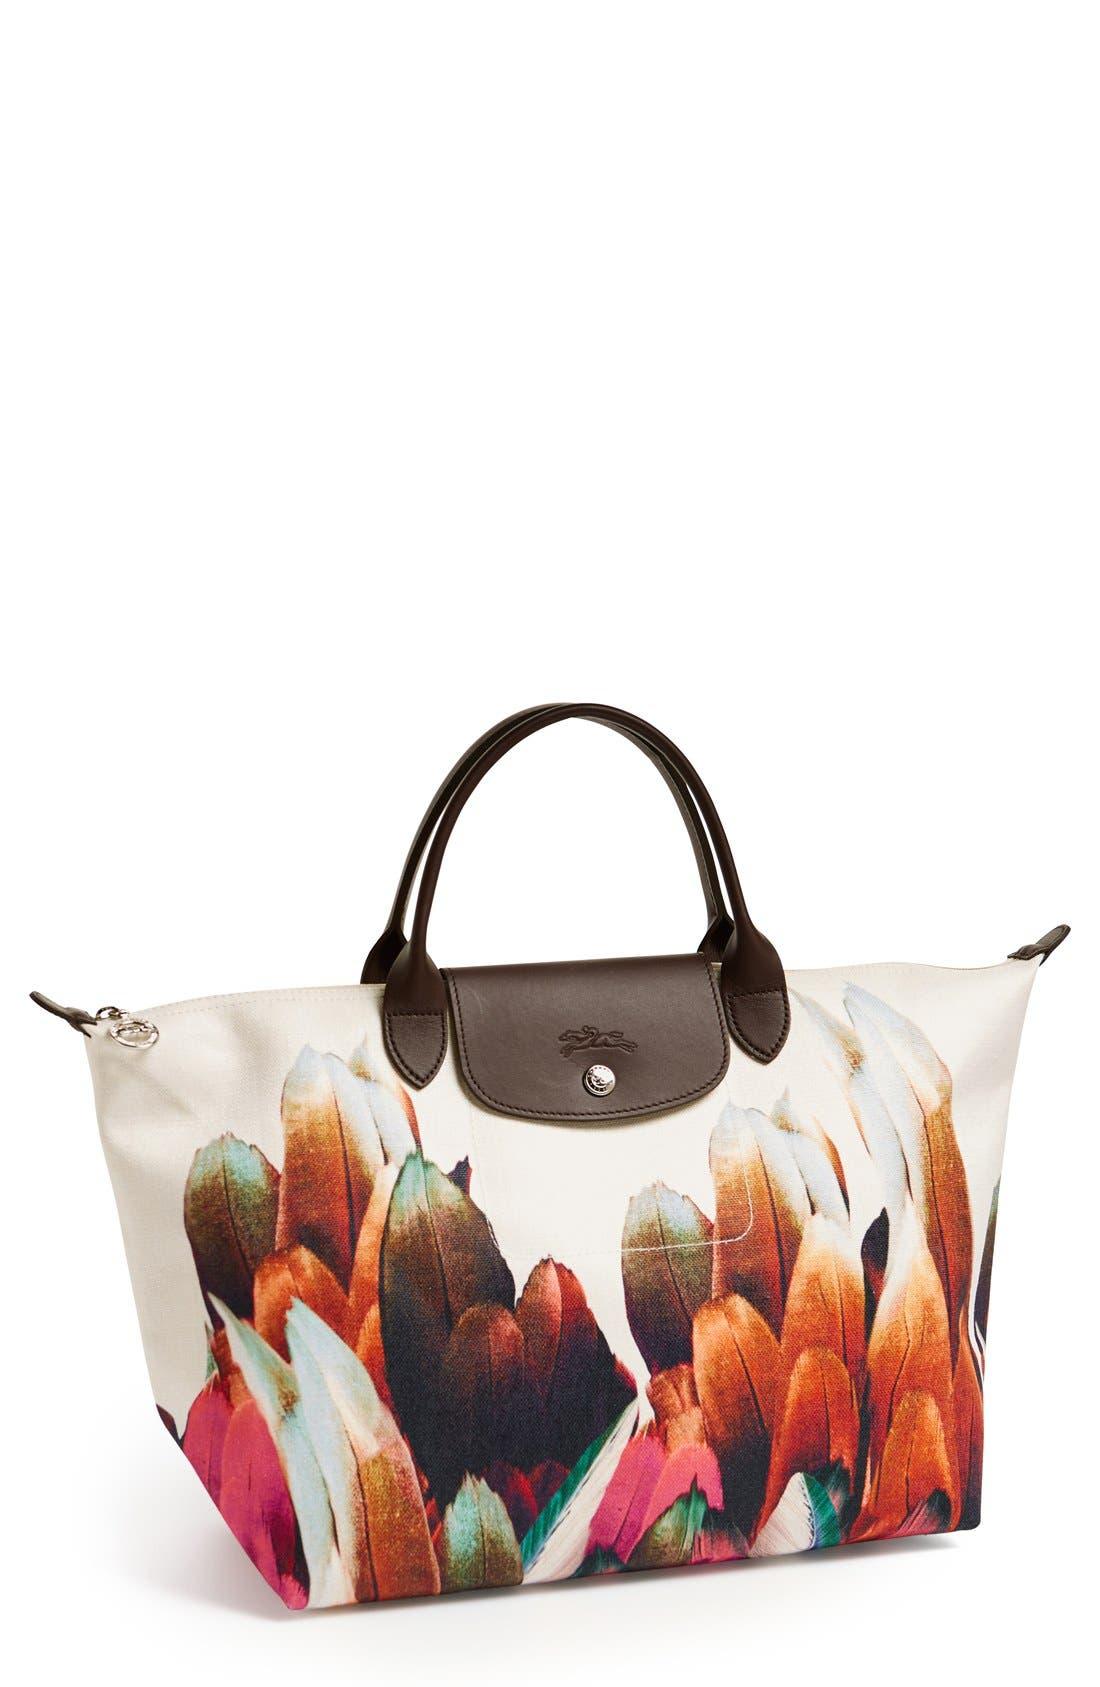 Main Image - Longchamp 'Medium Tribu' Handbag